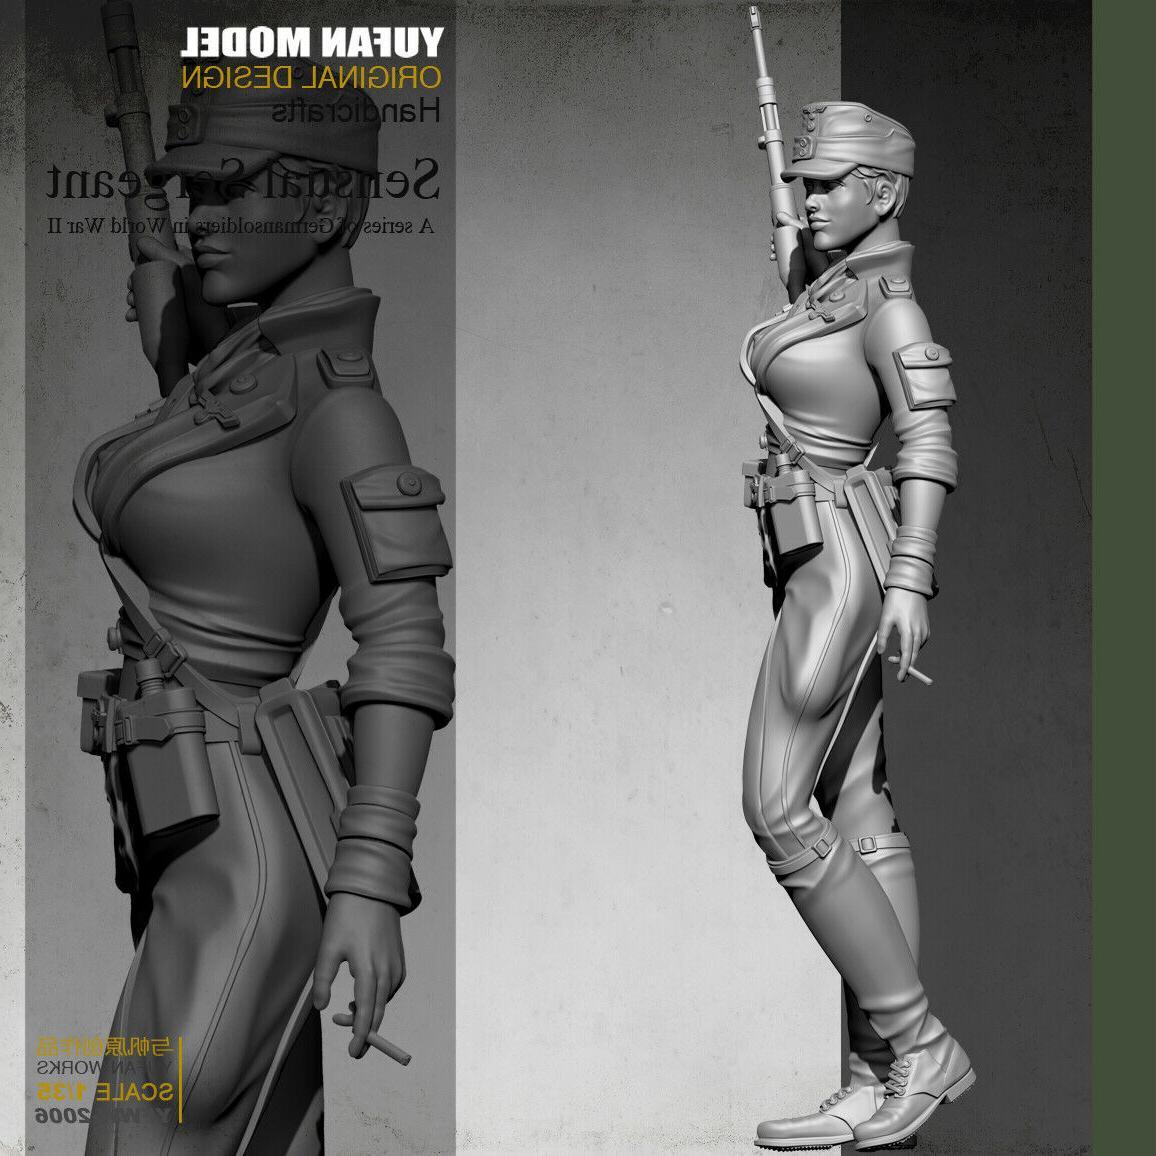 1/35 Scale Female Resin Figure Model GK